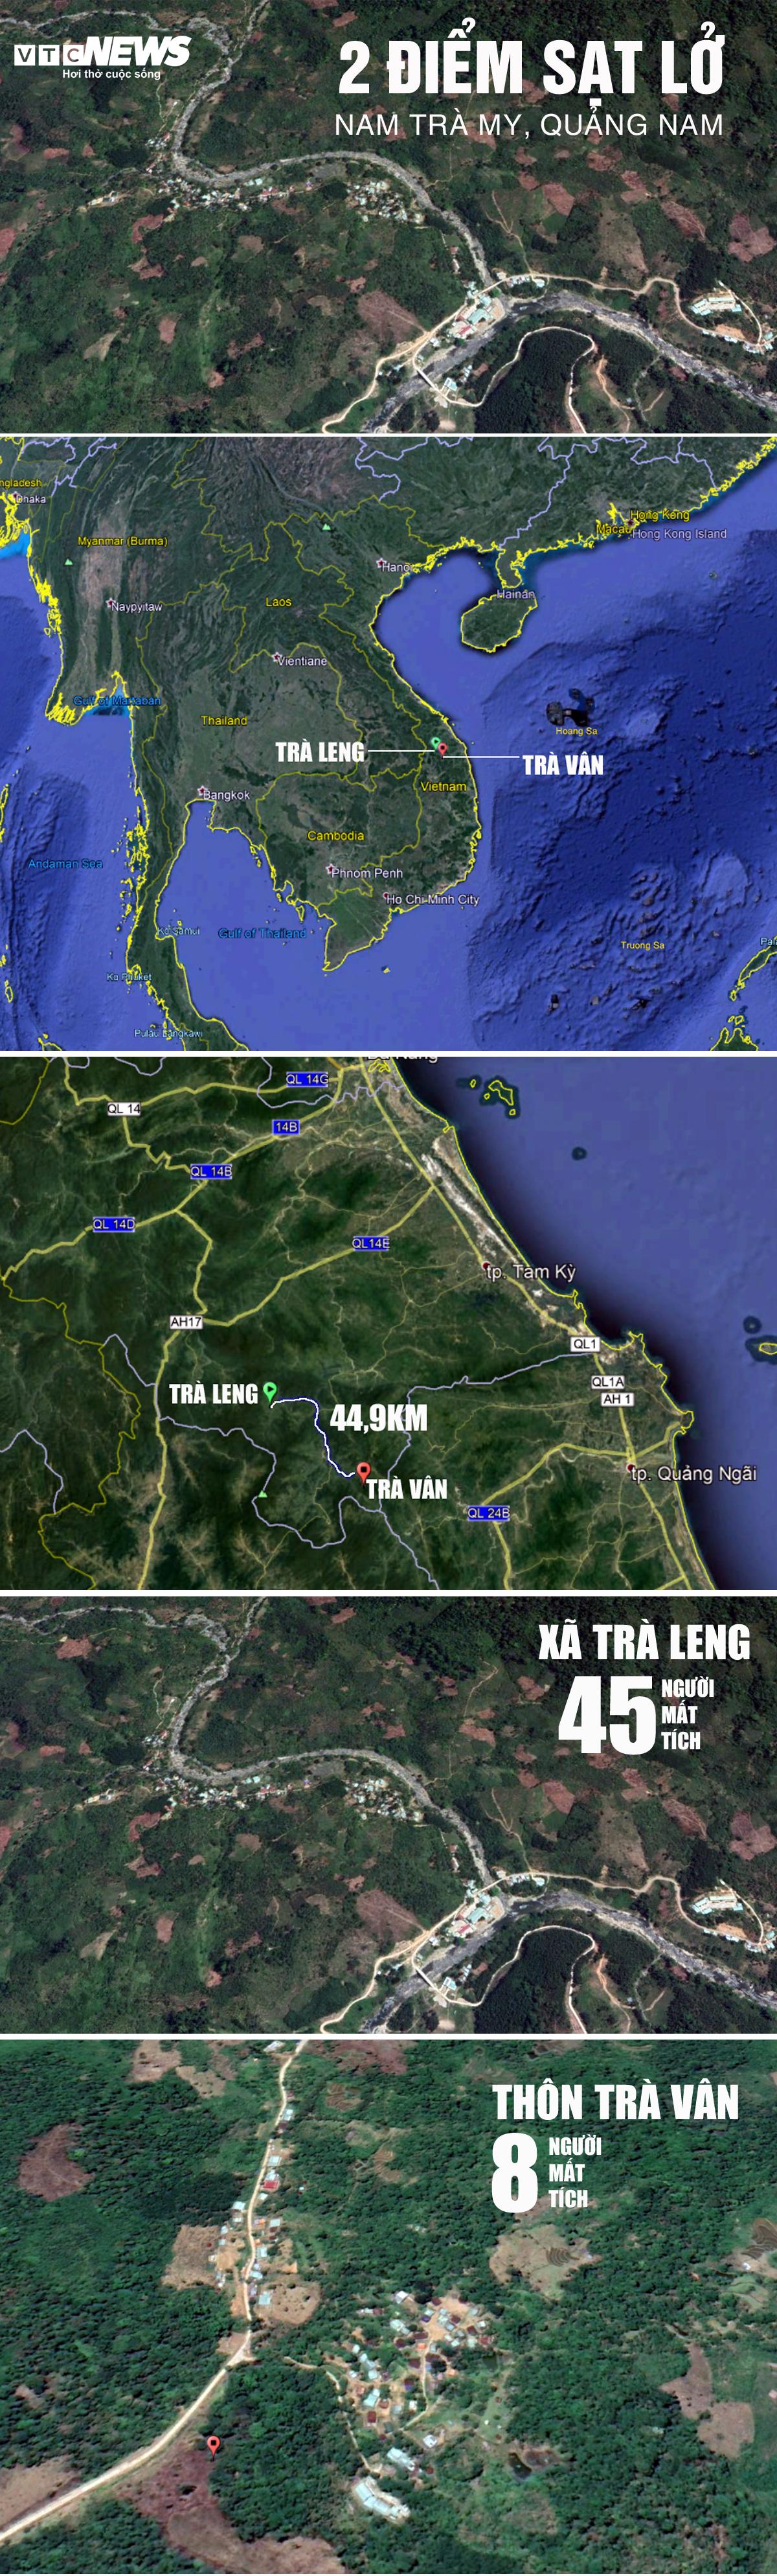 Cả gia đình Bí thư xã Trà Leng và nhiều hộ dân ở Nam Trà My mất liên lạc từ chiều 28/10 - Ảnh 3.